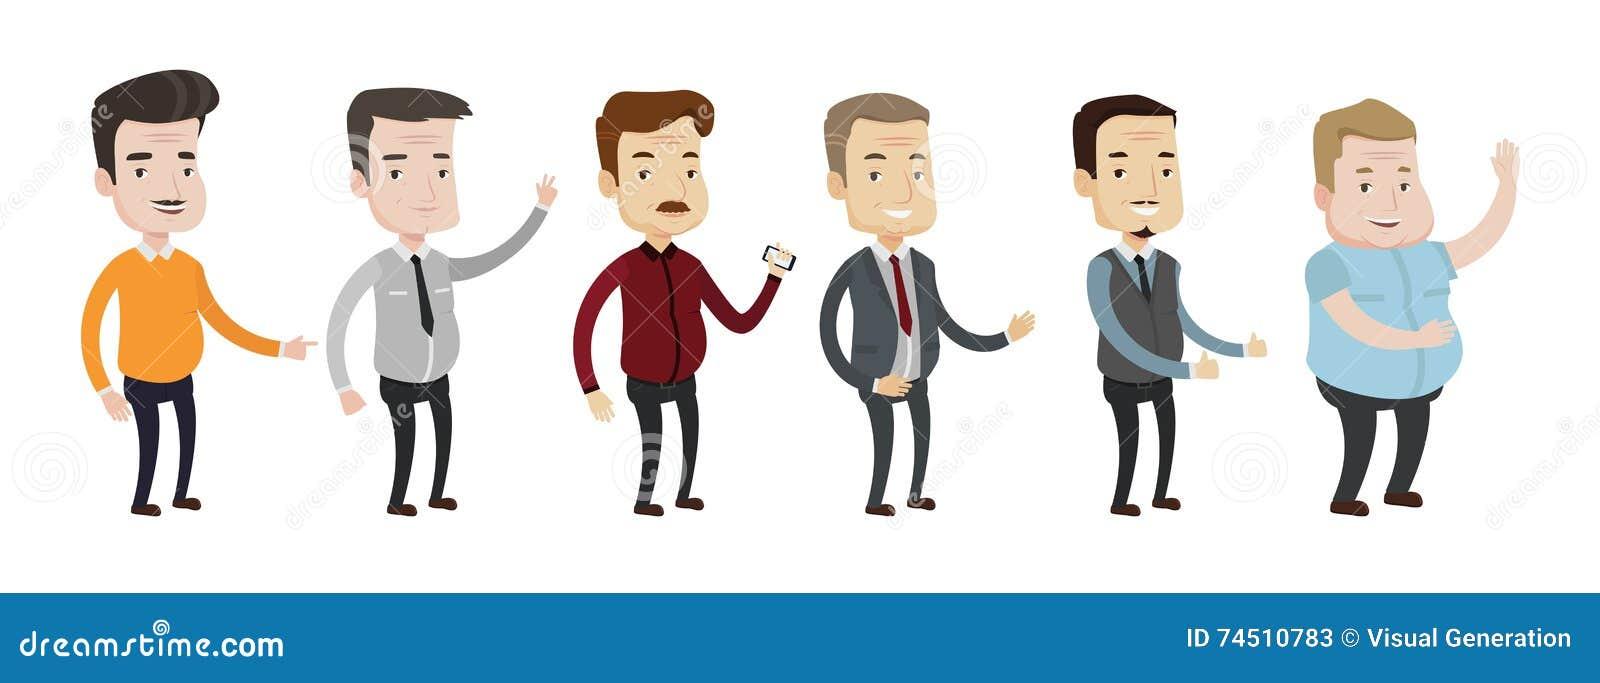 Grupo do vetor de ilustrações envelhecidas meio do homem